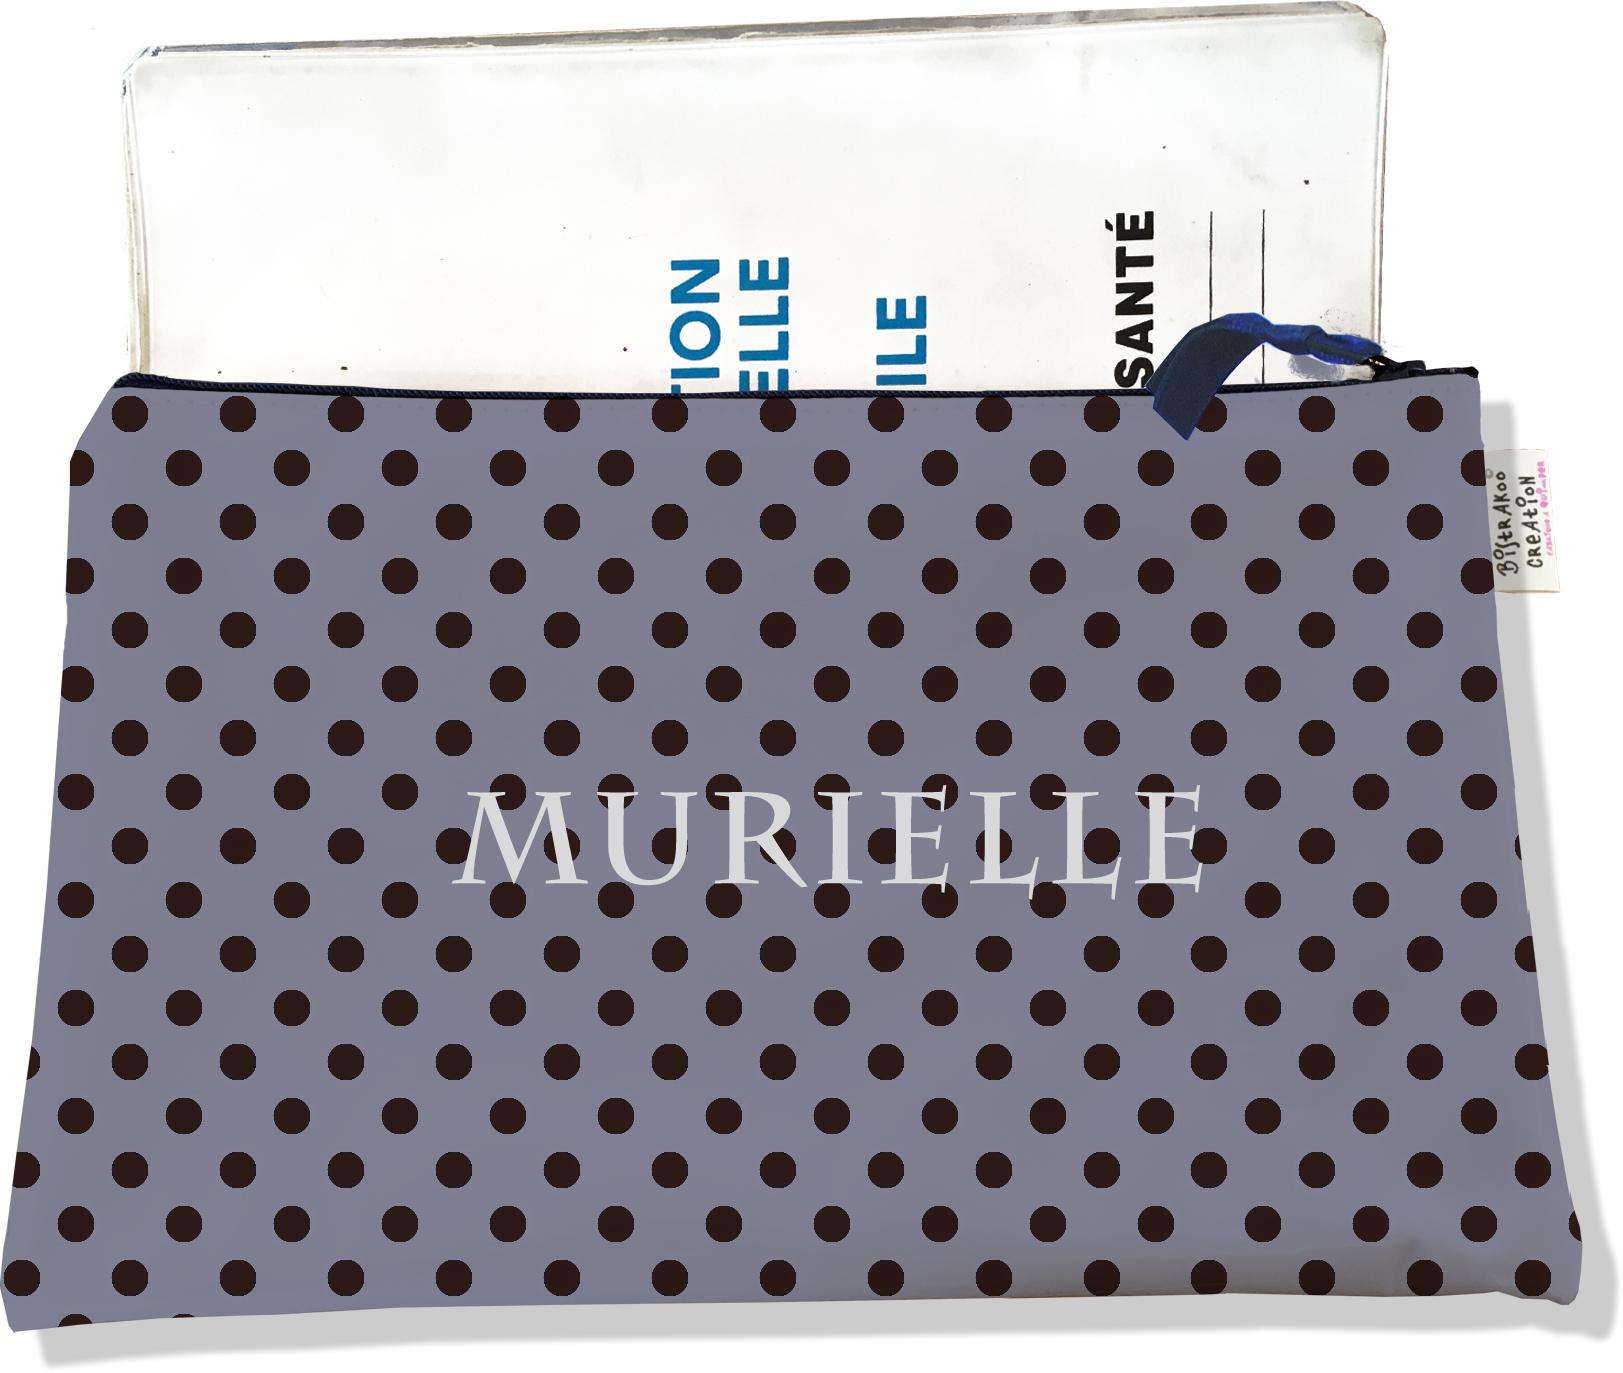 Protège carnet de santé personnalisable zippé pour femme motif Pois noirs fond gris 2057